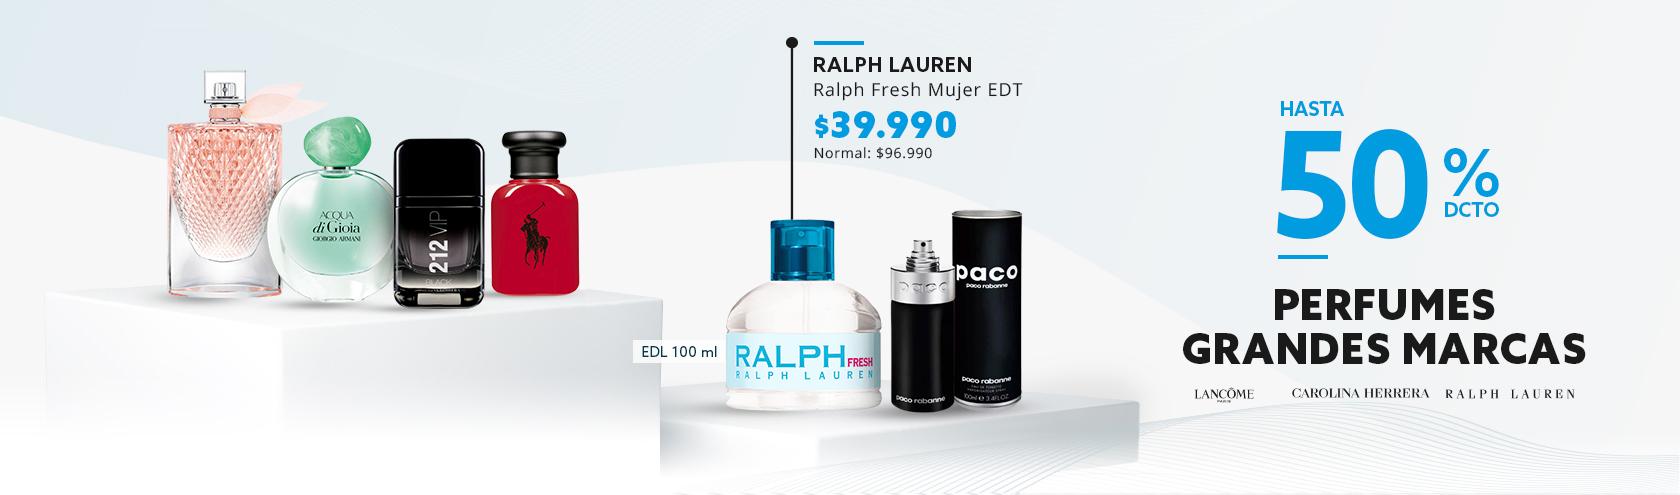 Hasta 50 de descuento en Perfumes Frag Hombre